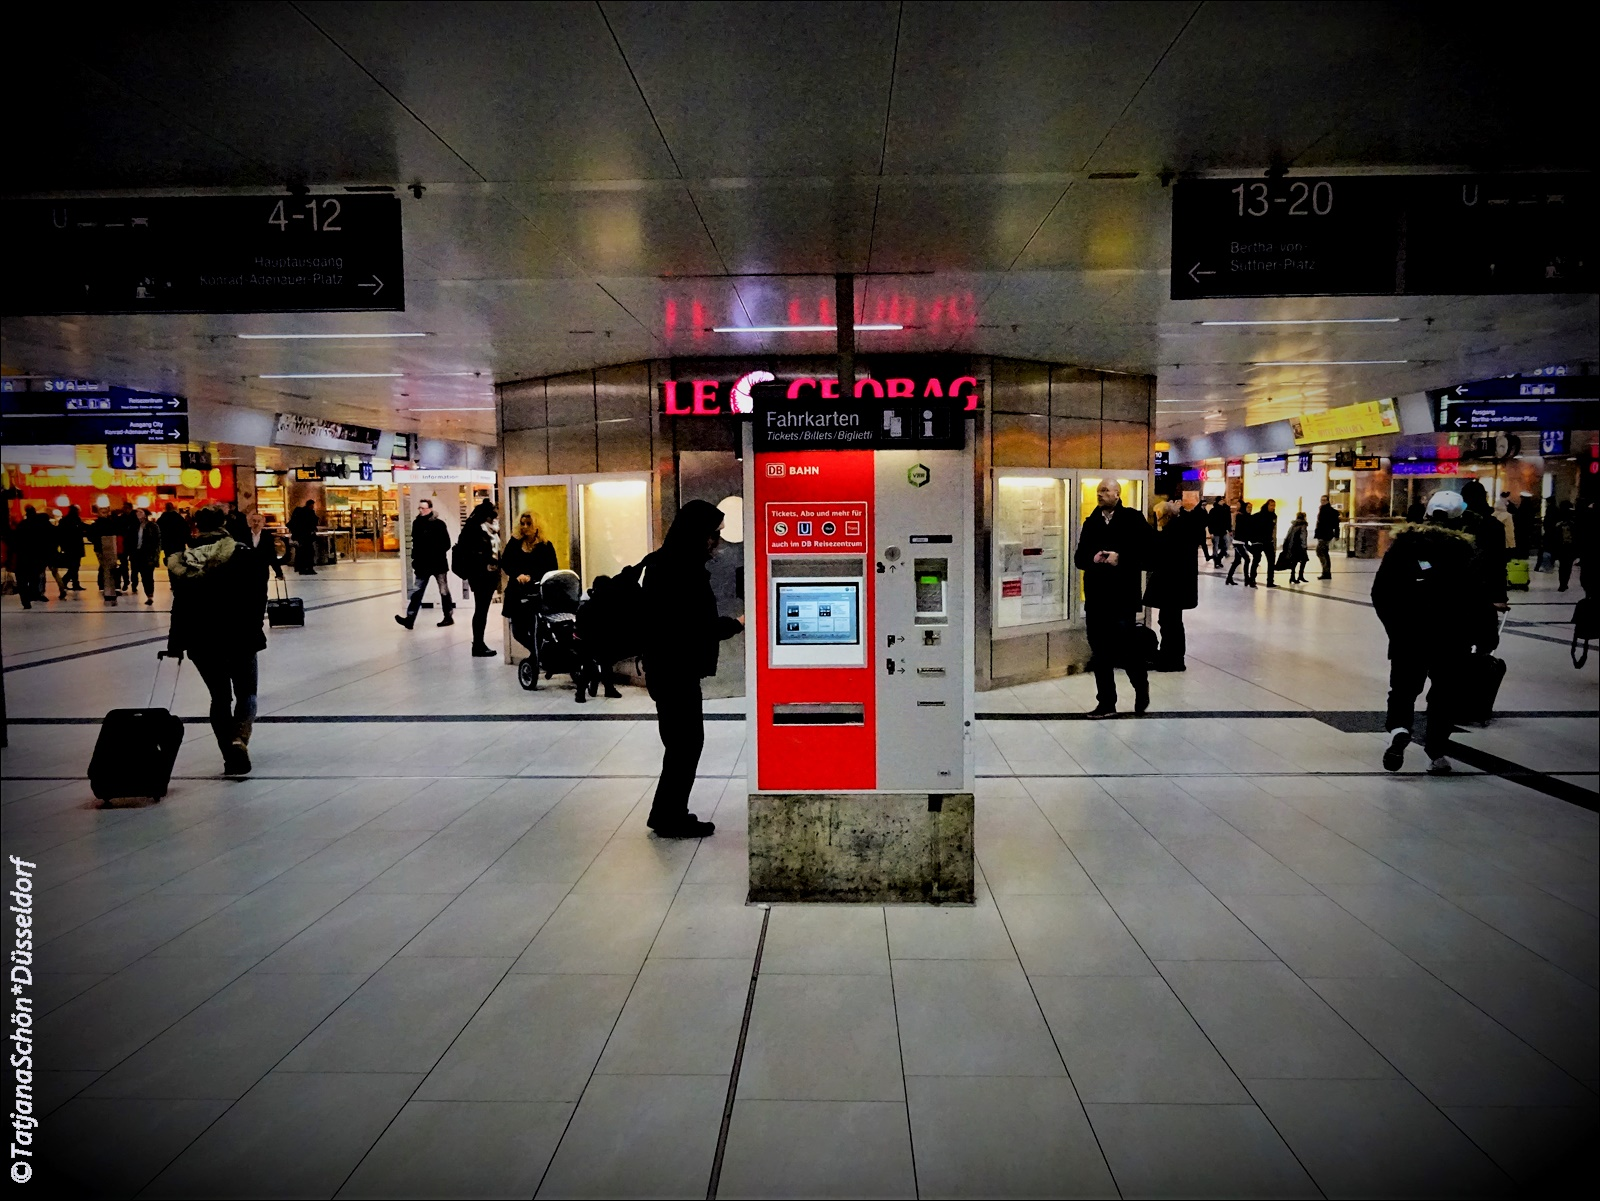 Автоматы есть в здании вокзала, аэропорта, на станциях